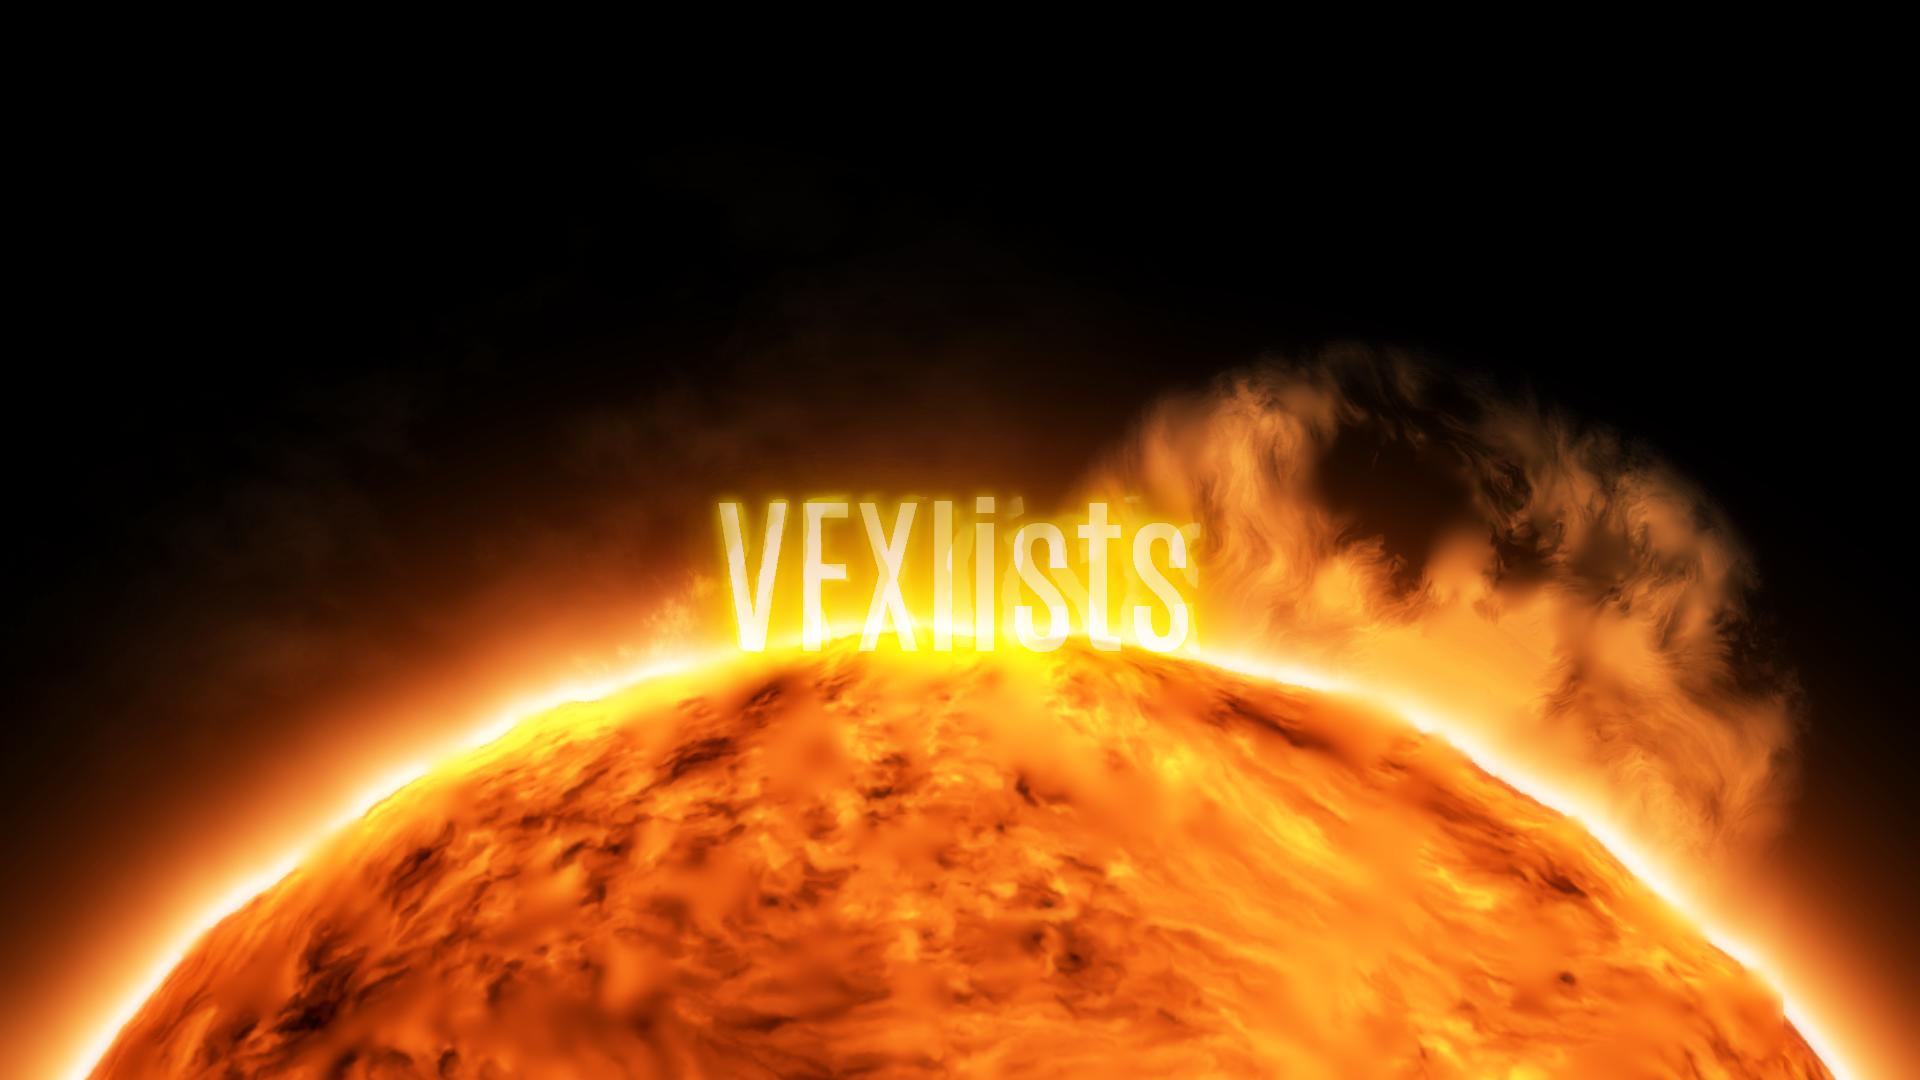 SunishotVFXLists1.png